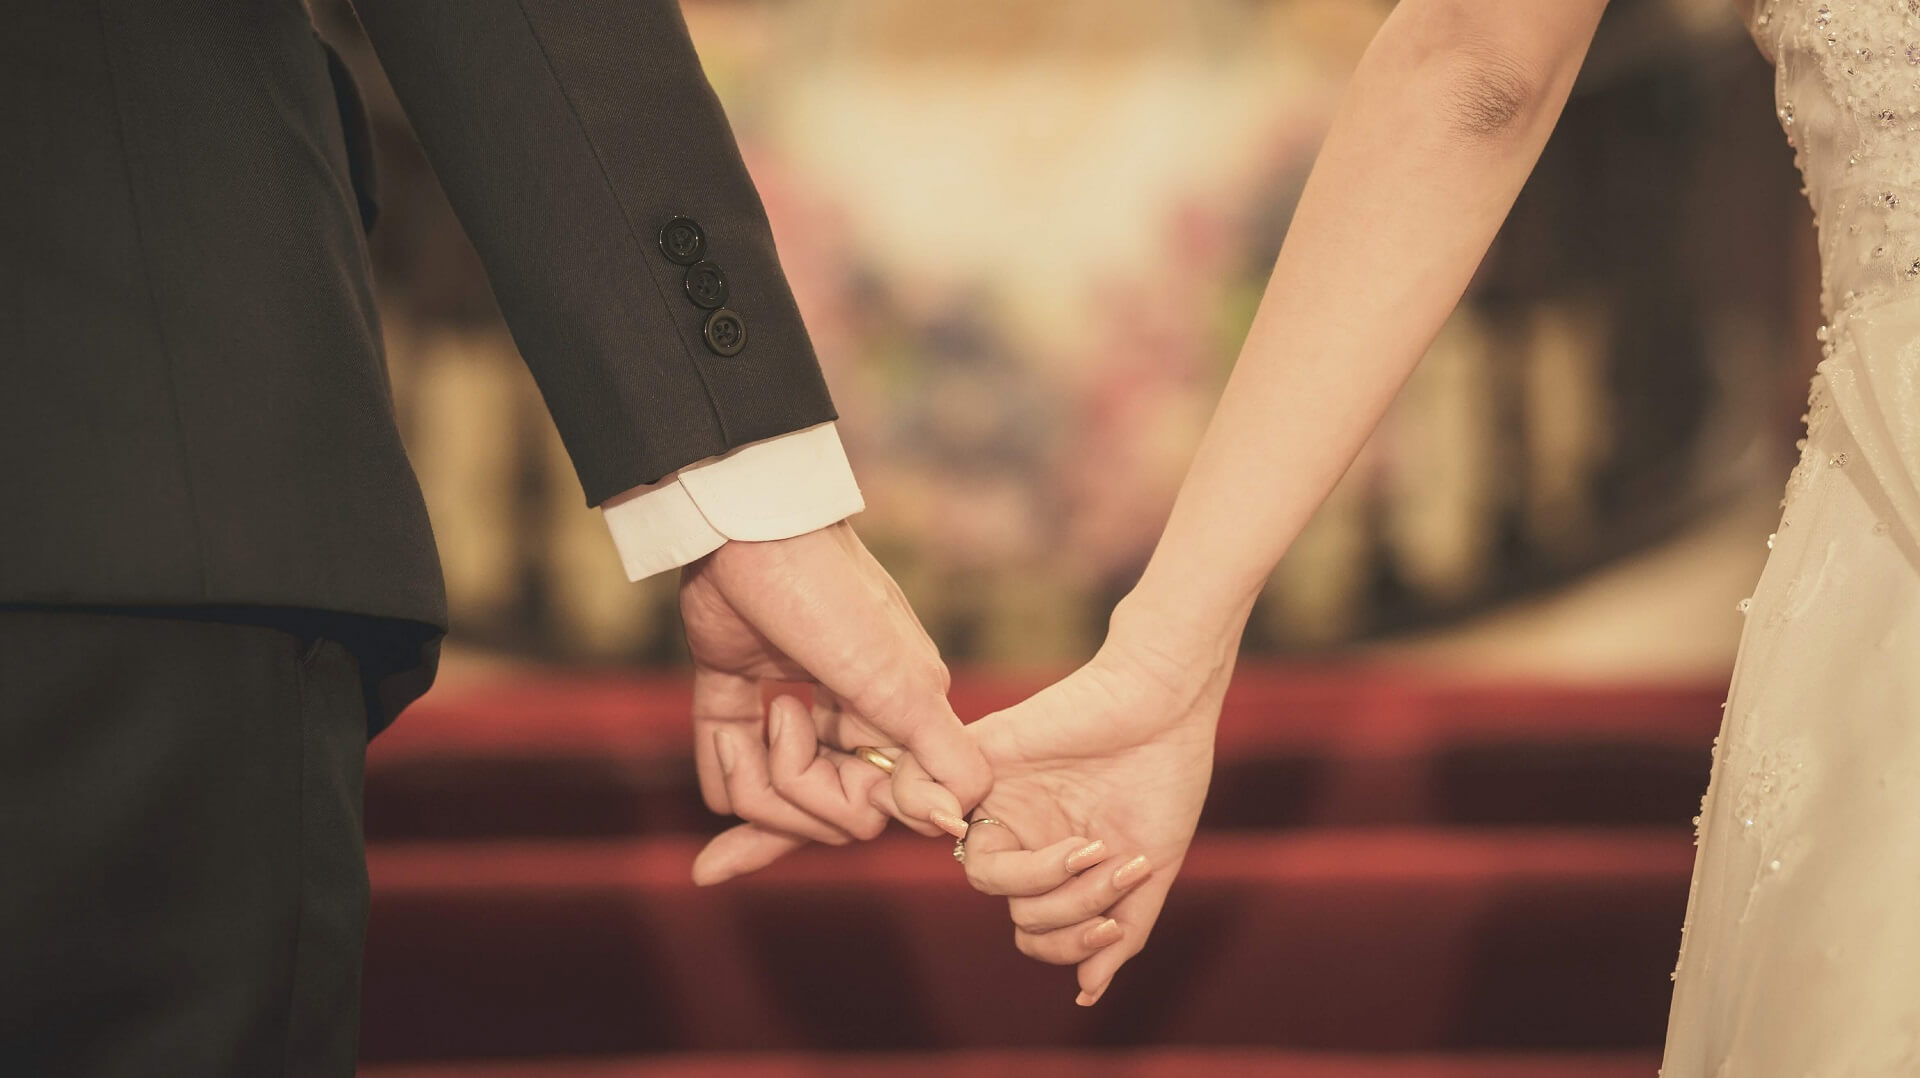 Prezenty dla Pary Młodej z okazji ślubu - romantycznie, ekstremalnie, z przygoda, ale zawsze we Dwoje